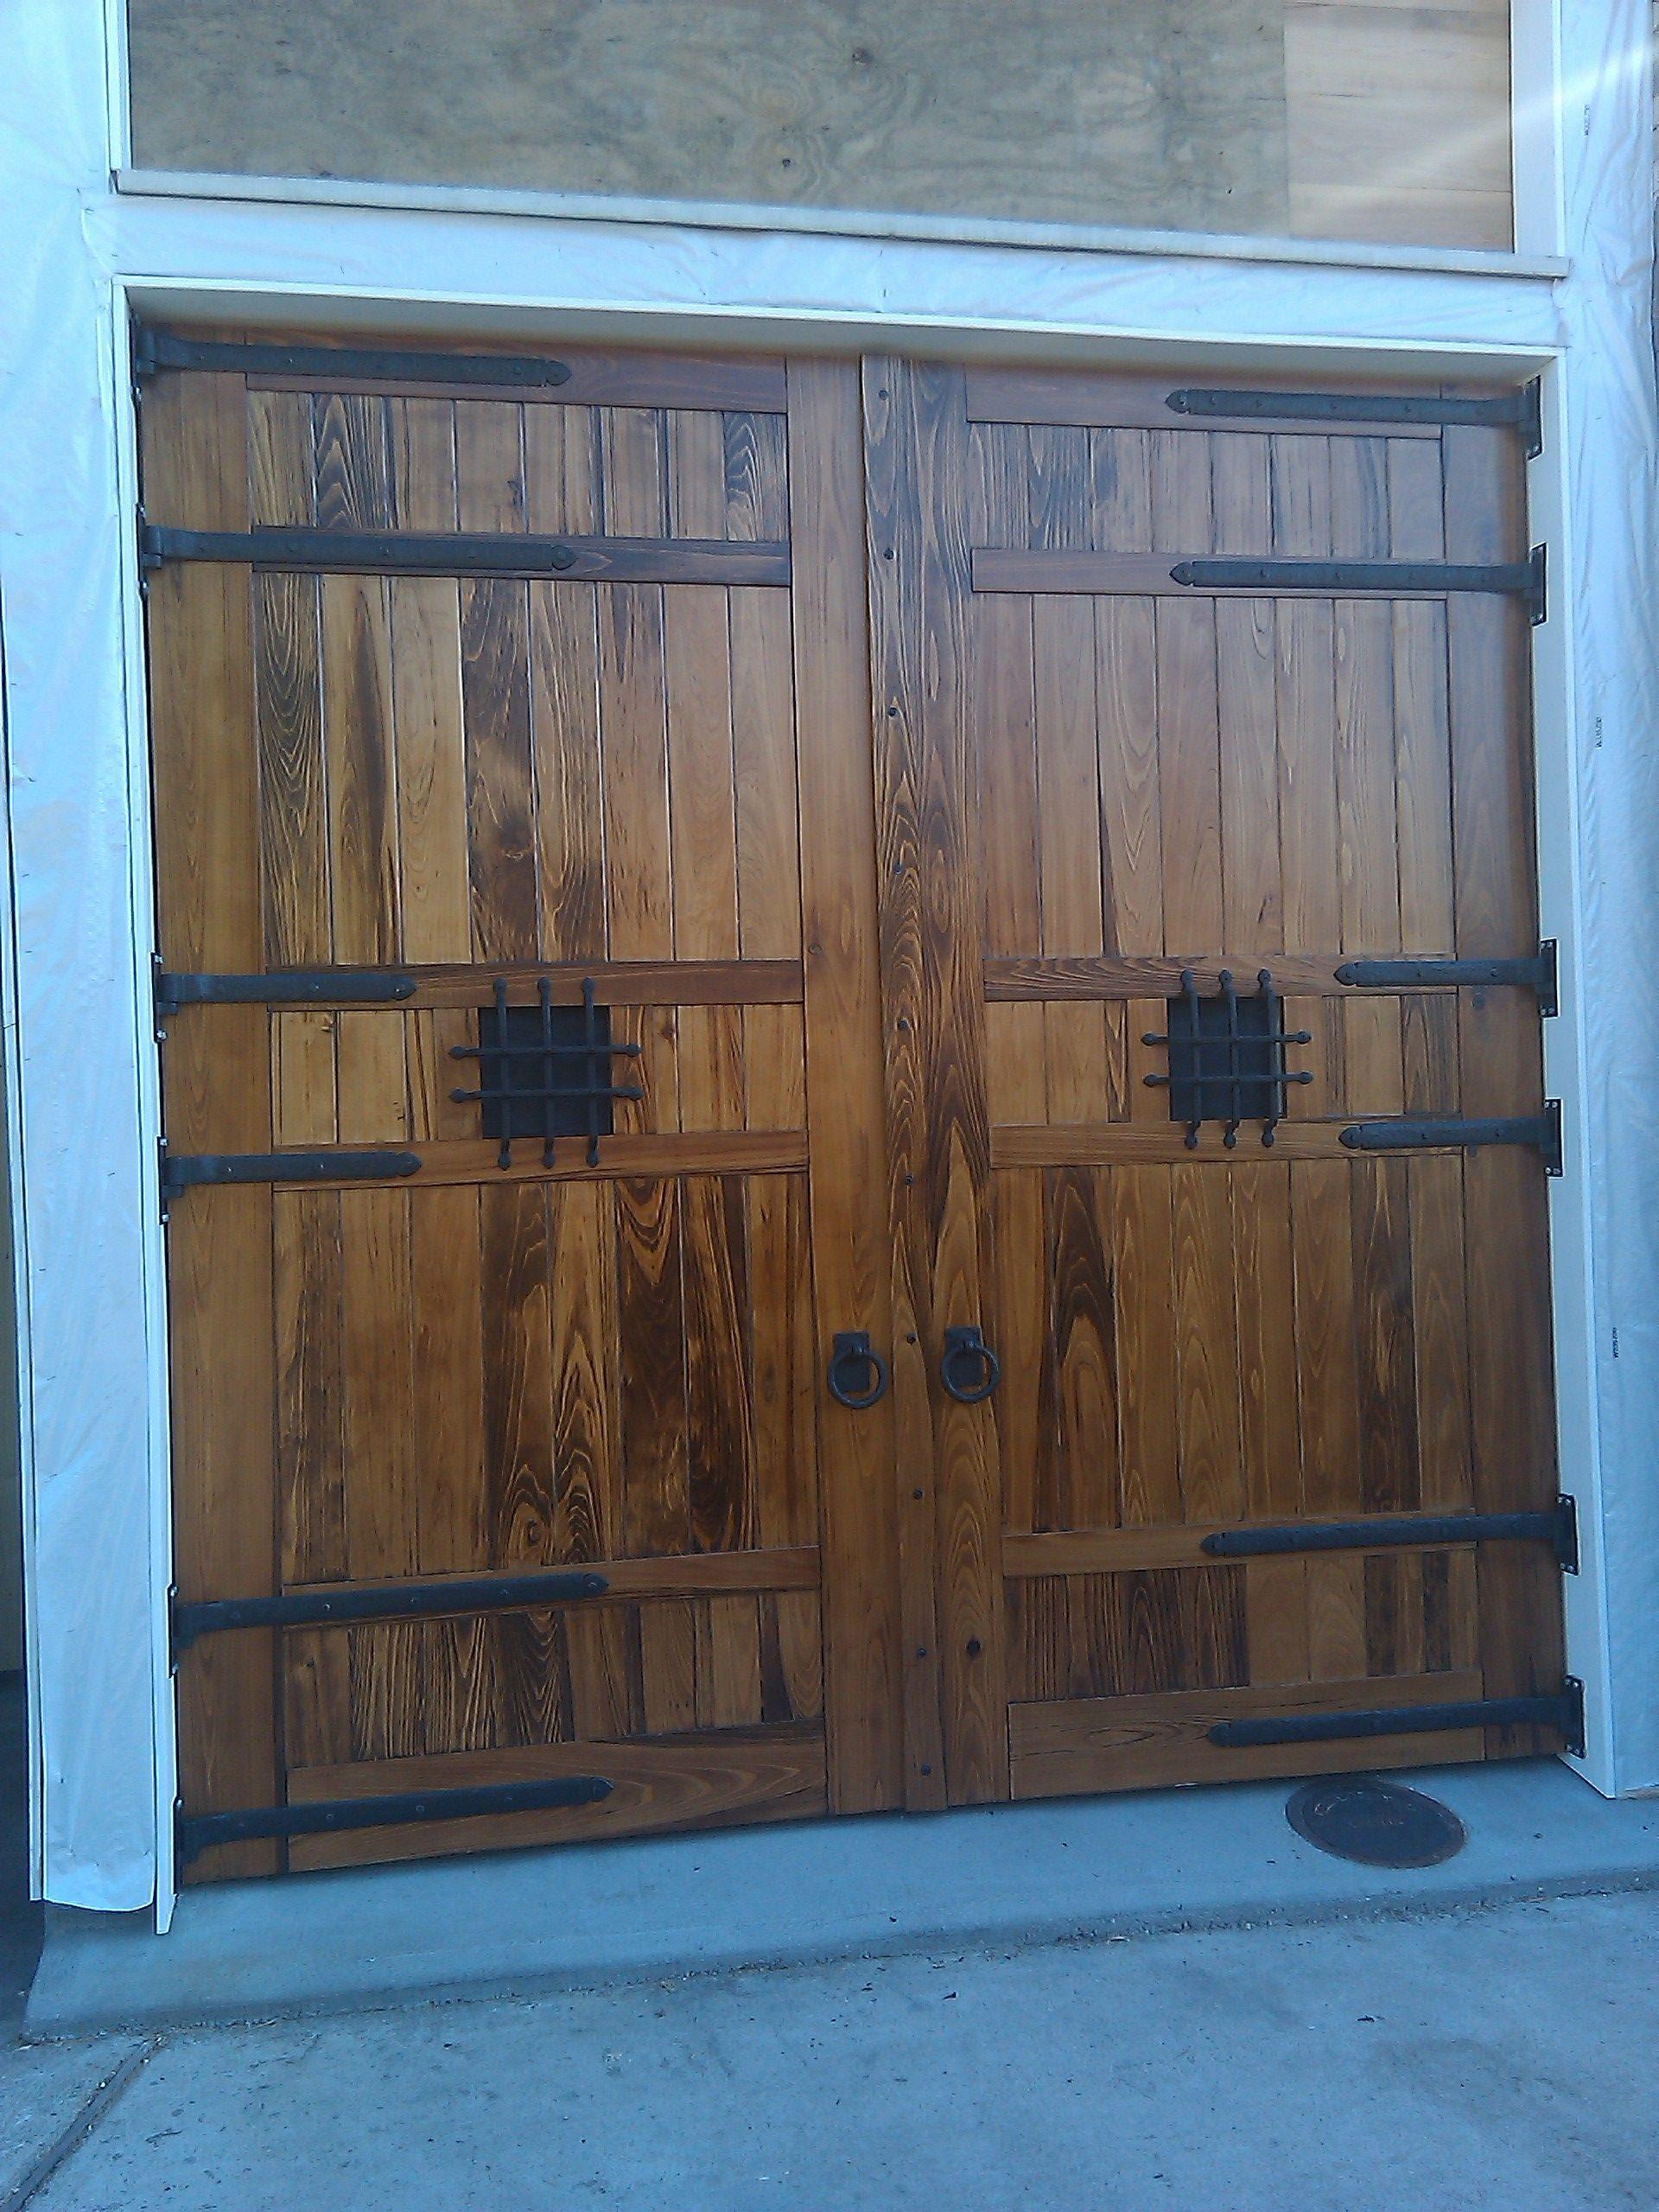 New Orleans Historic Carriage House Doors With Bronze Door Hardware